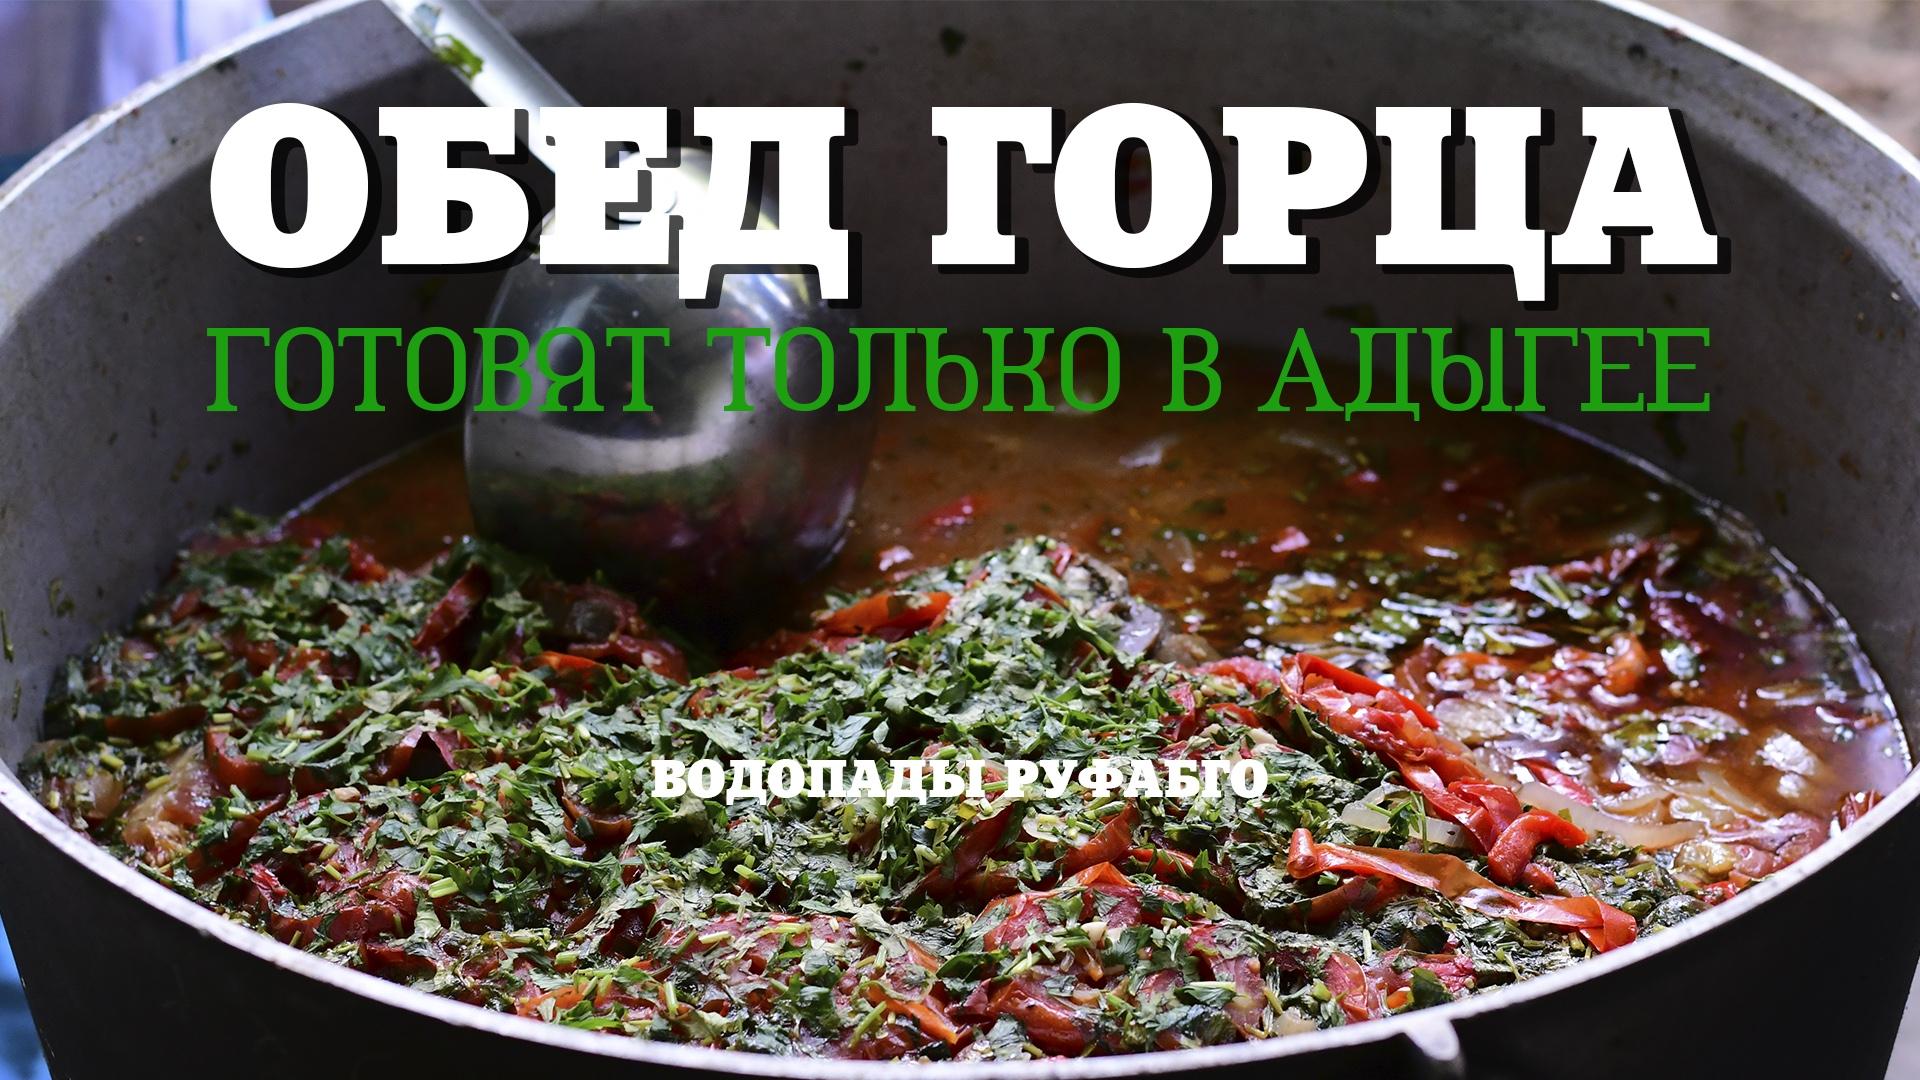 Обед горца готовят только в Адыгее